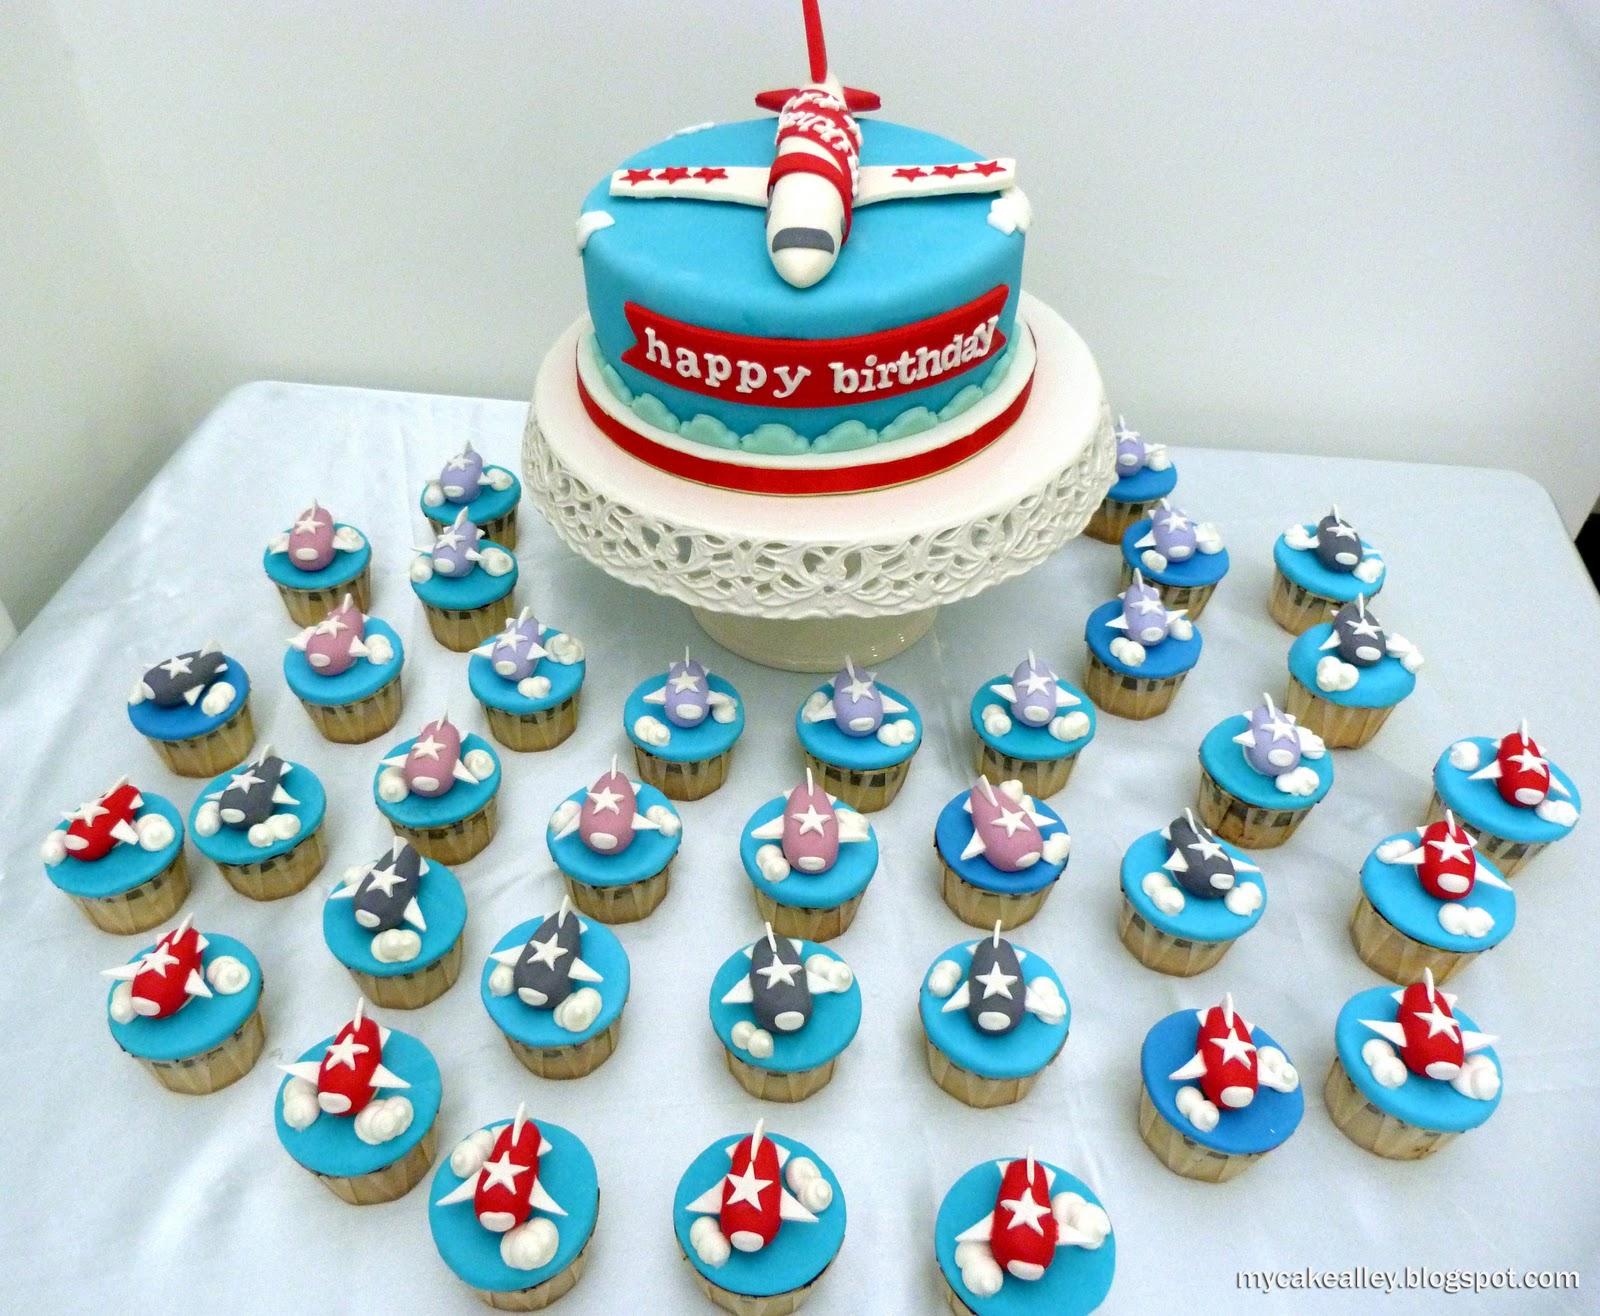 Заказ тортов в спб поздравления стюардесс, днем рождения подруге